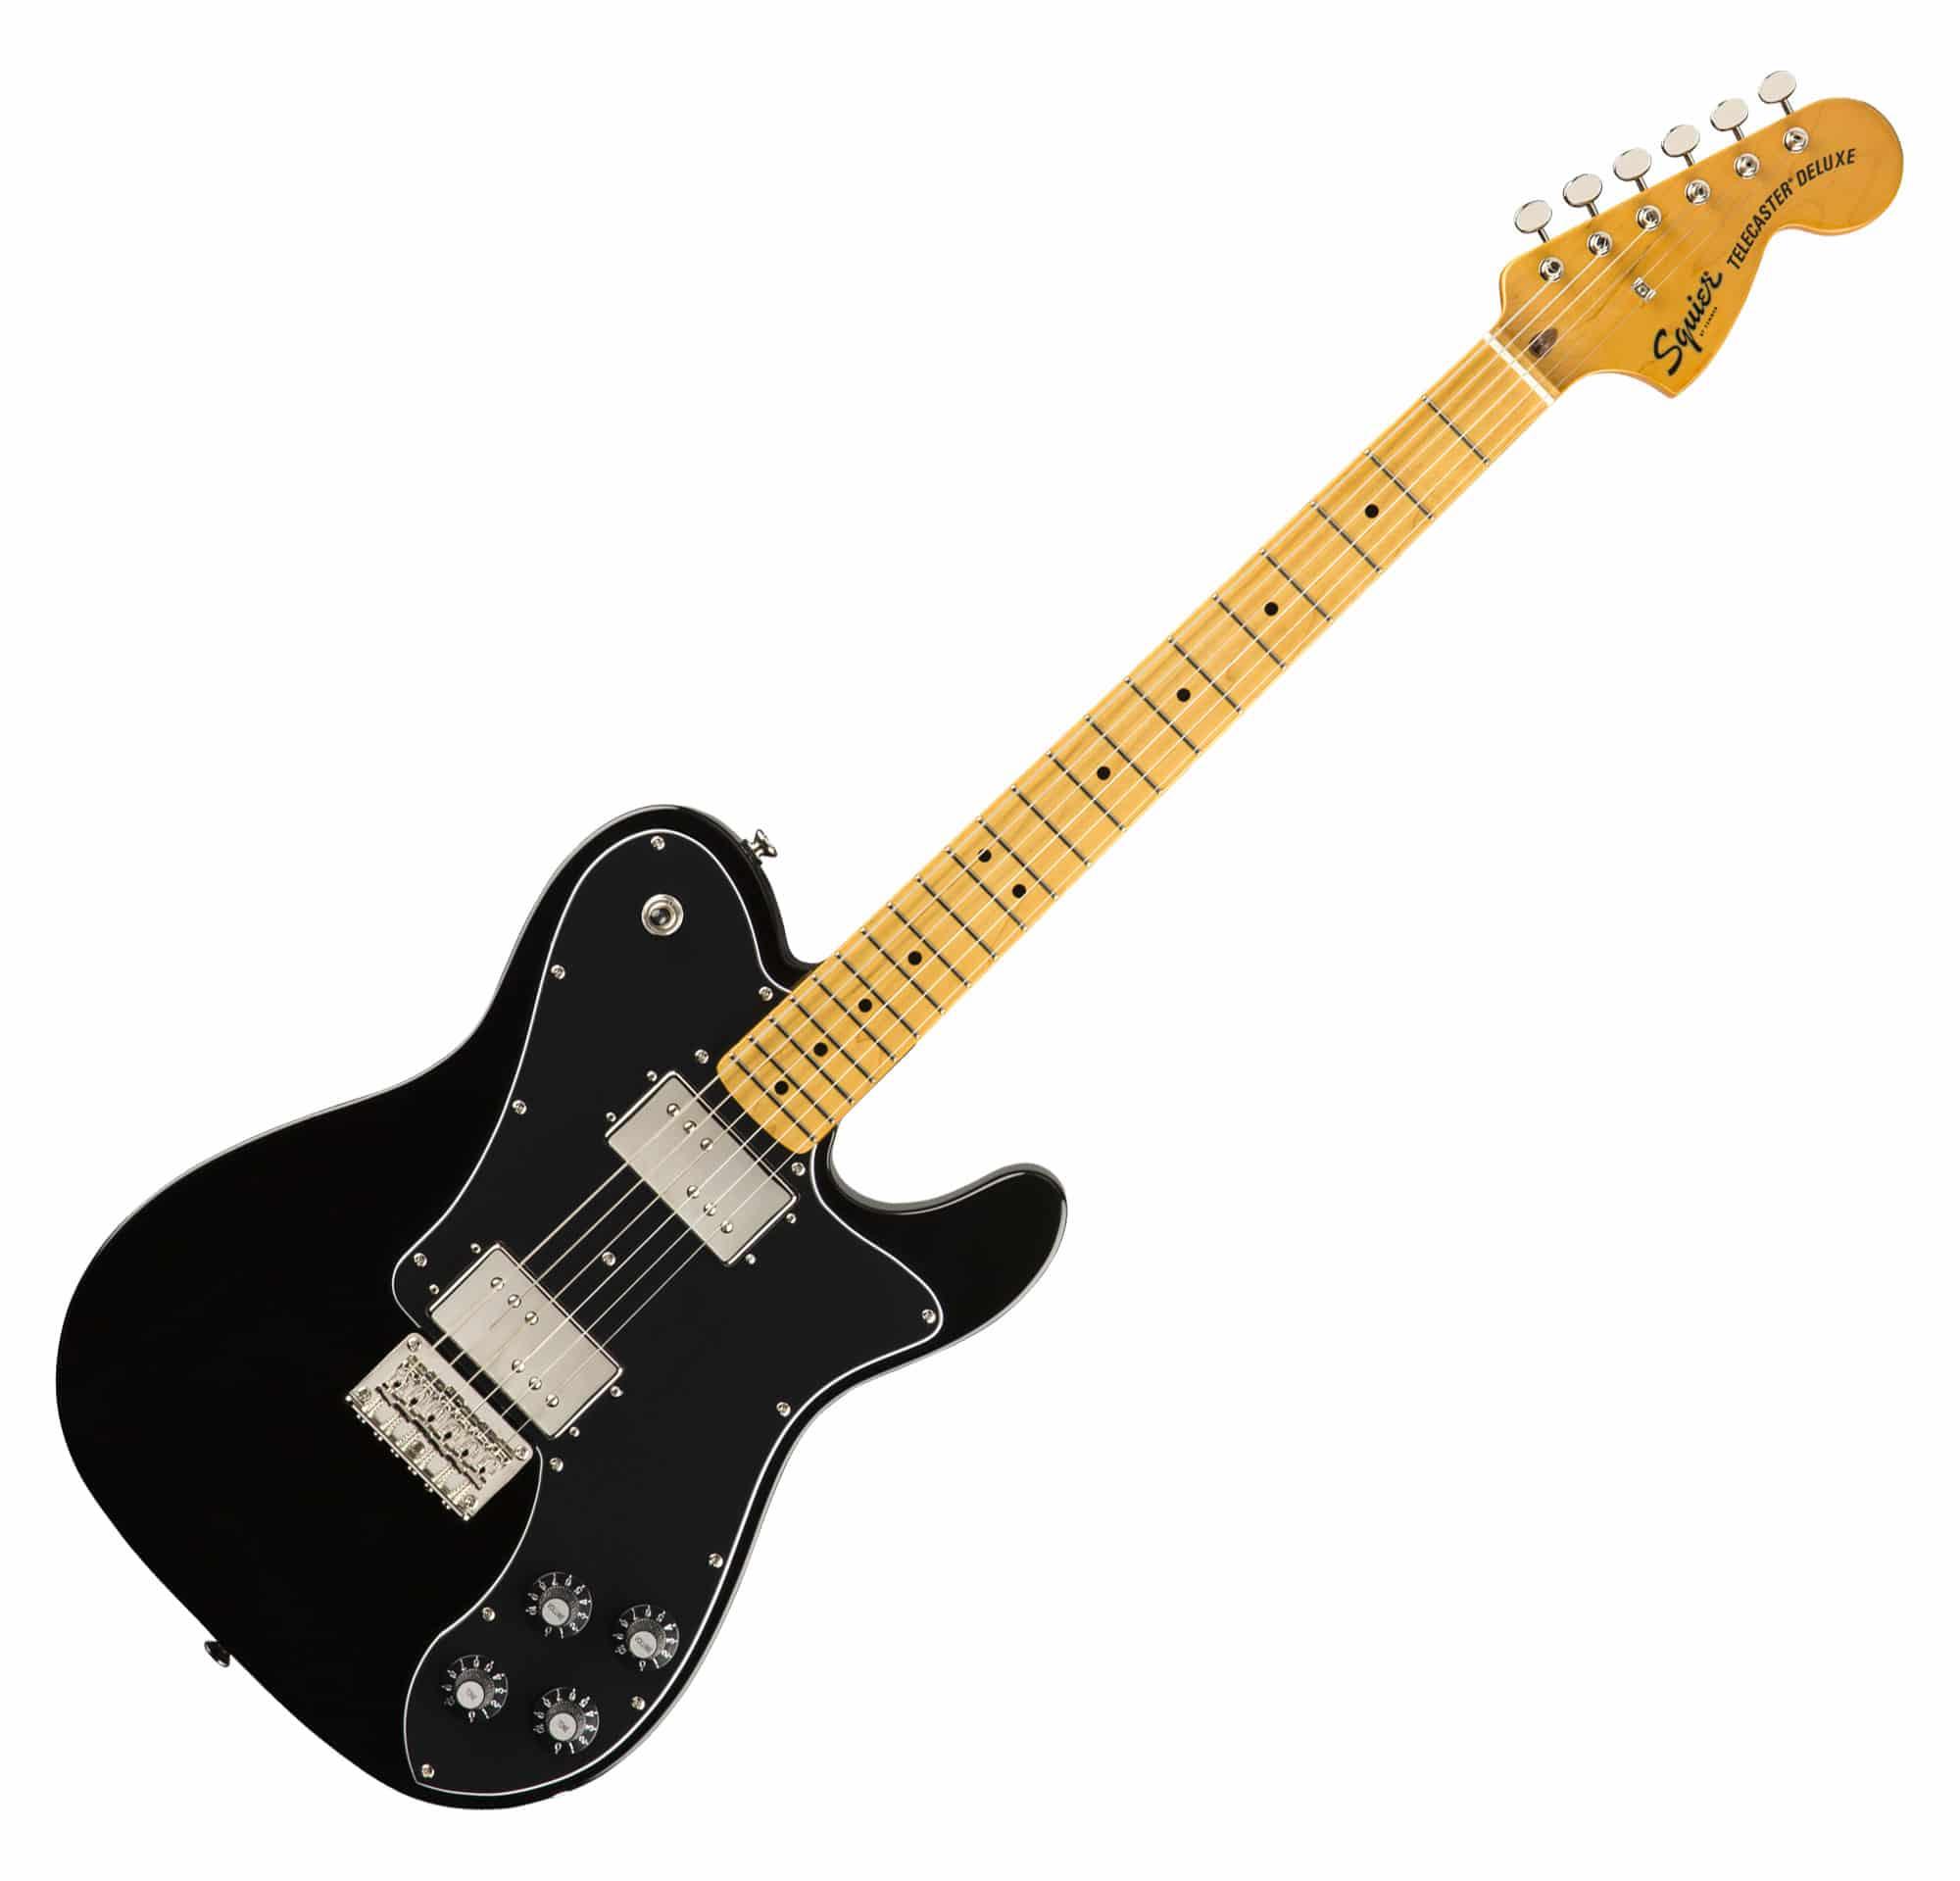 Egitarren - Fender Squier Classic Vibe '70s Tele Deluxe MN BLK - Onlineshop Musikhaus Kirstein